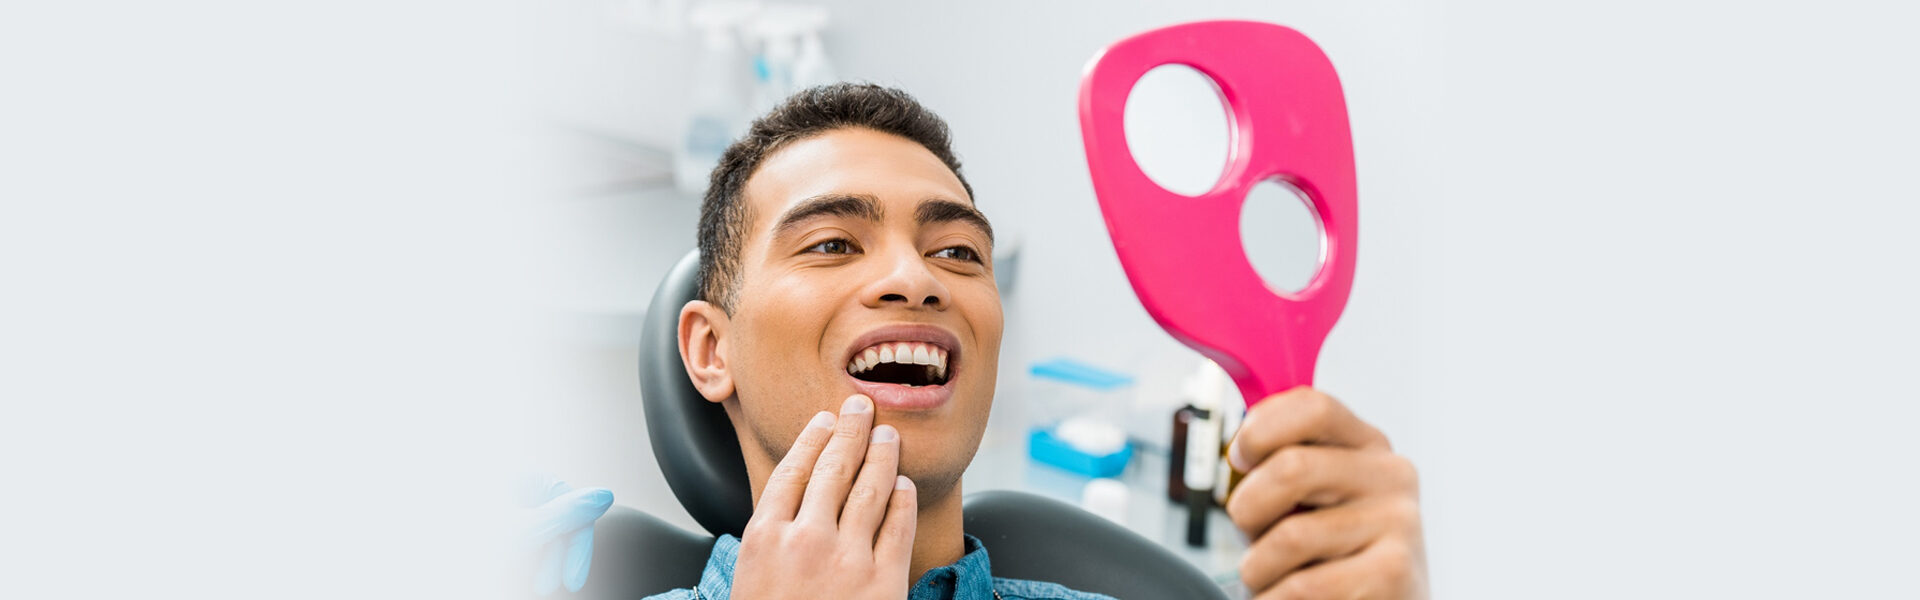 Dental Exams & Cleanings in Detroit, MI